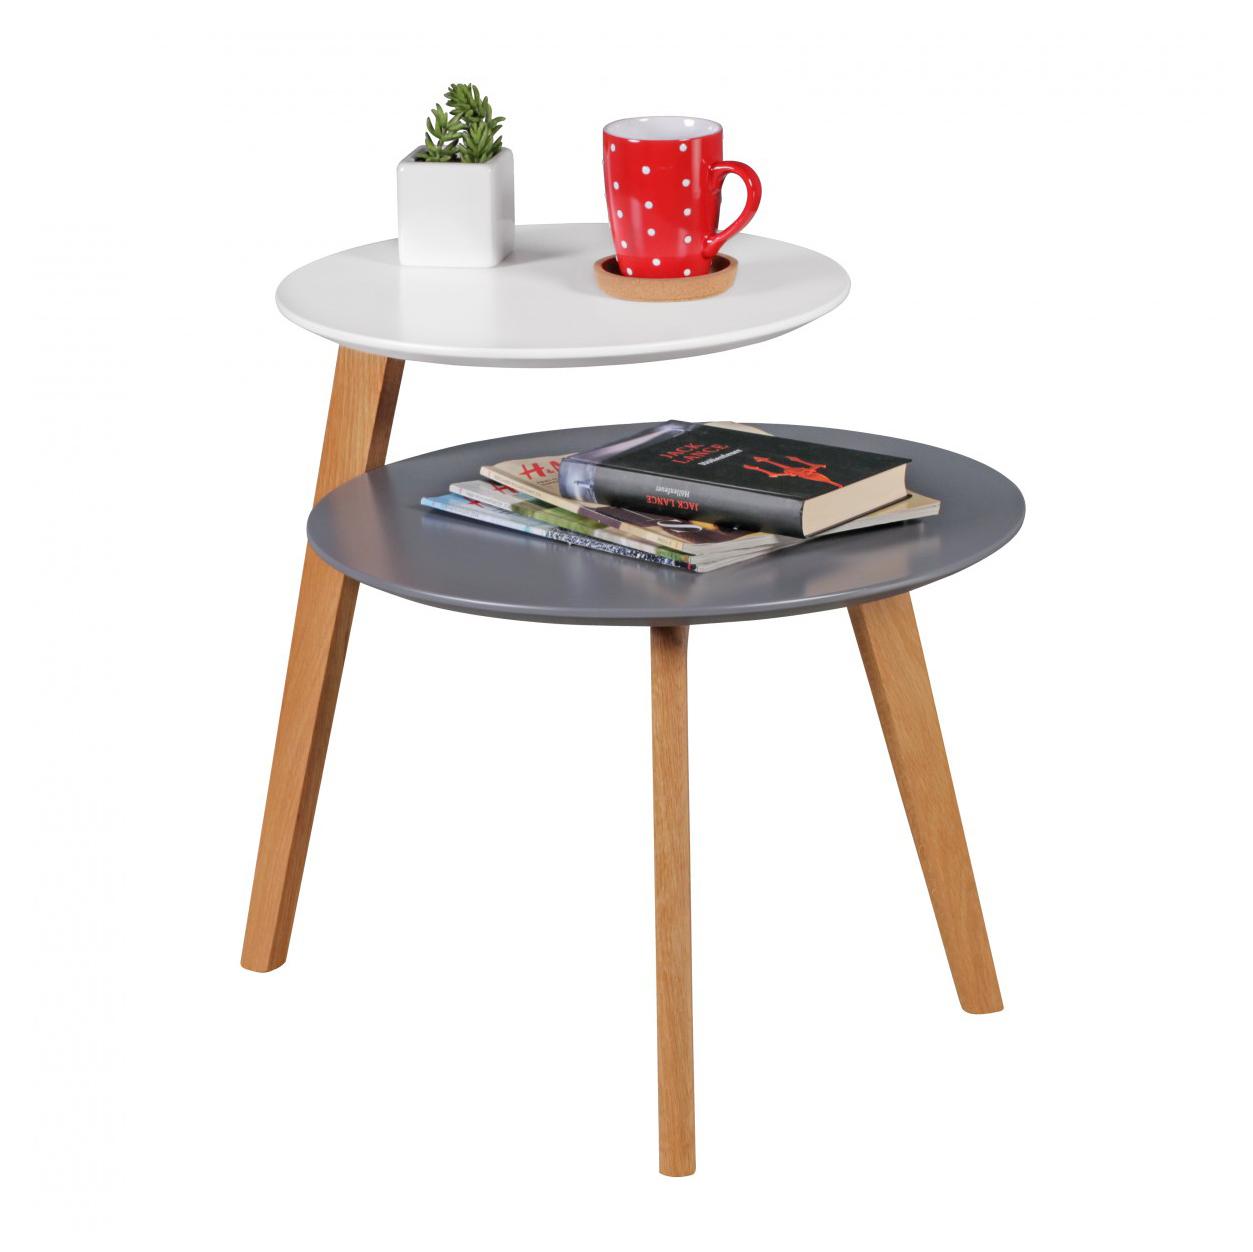 Odkládací stolek Scanio s 2 úrovněmi, 61 cm, bílá/šedá